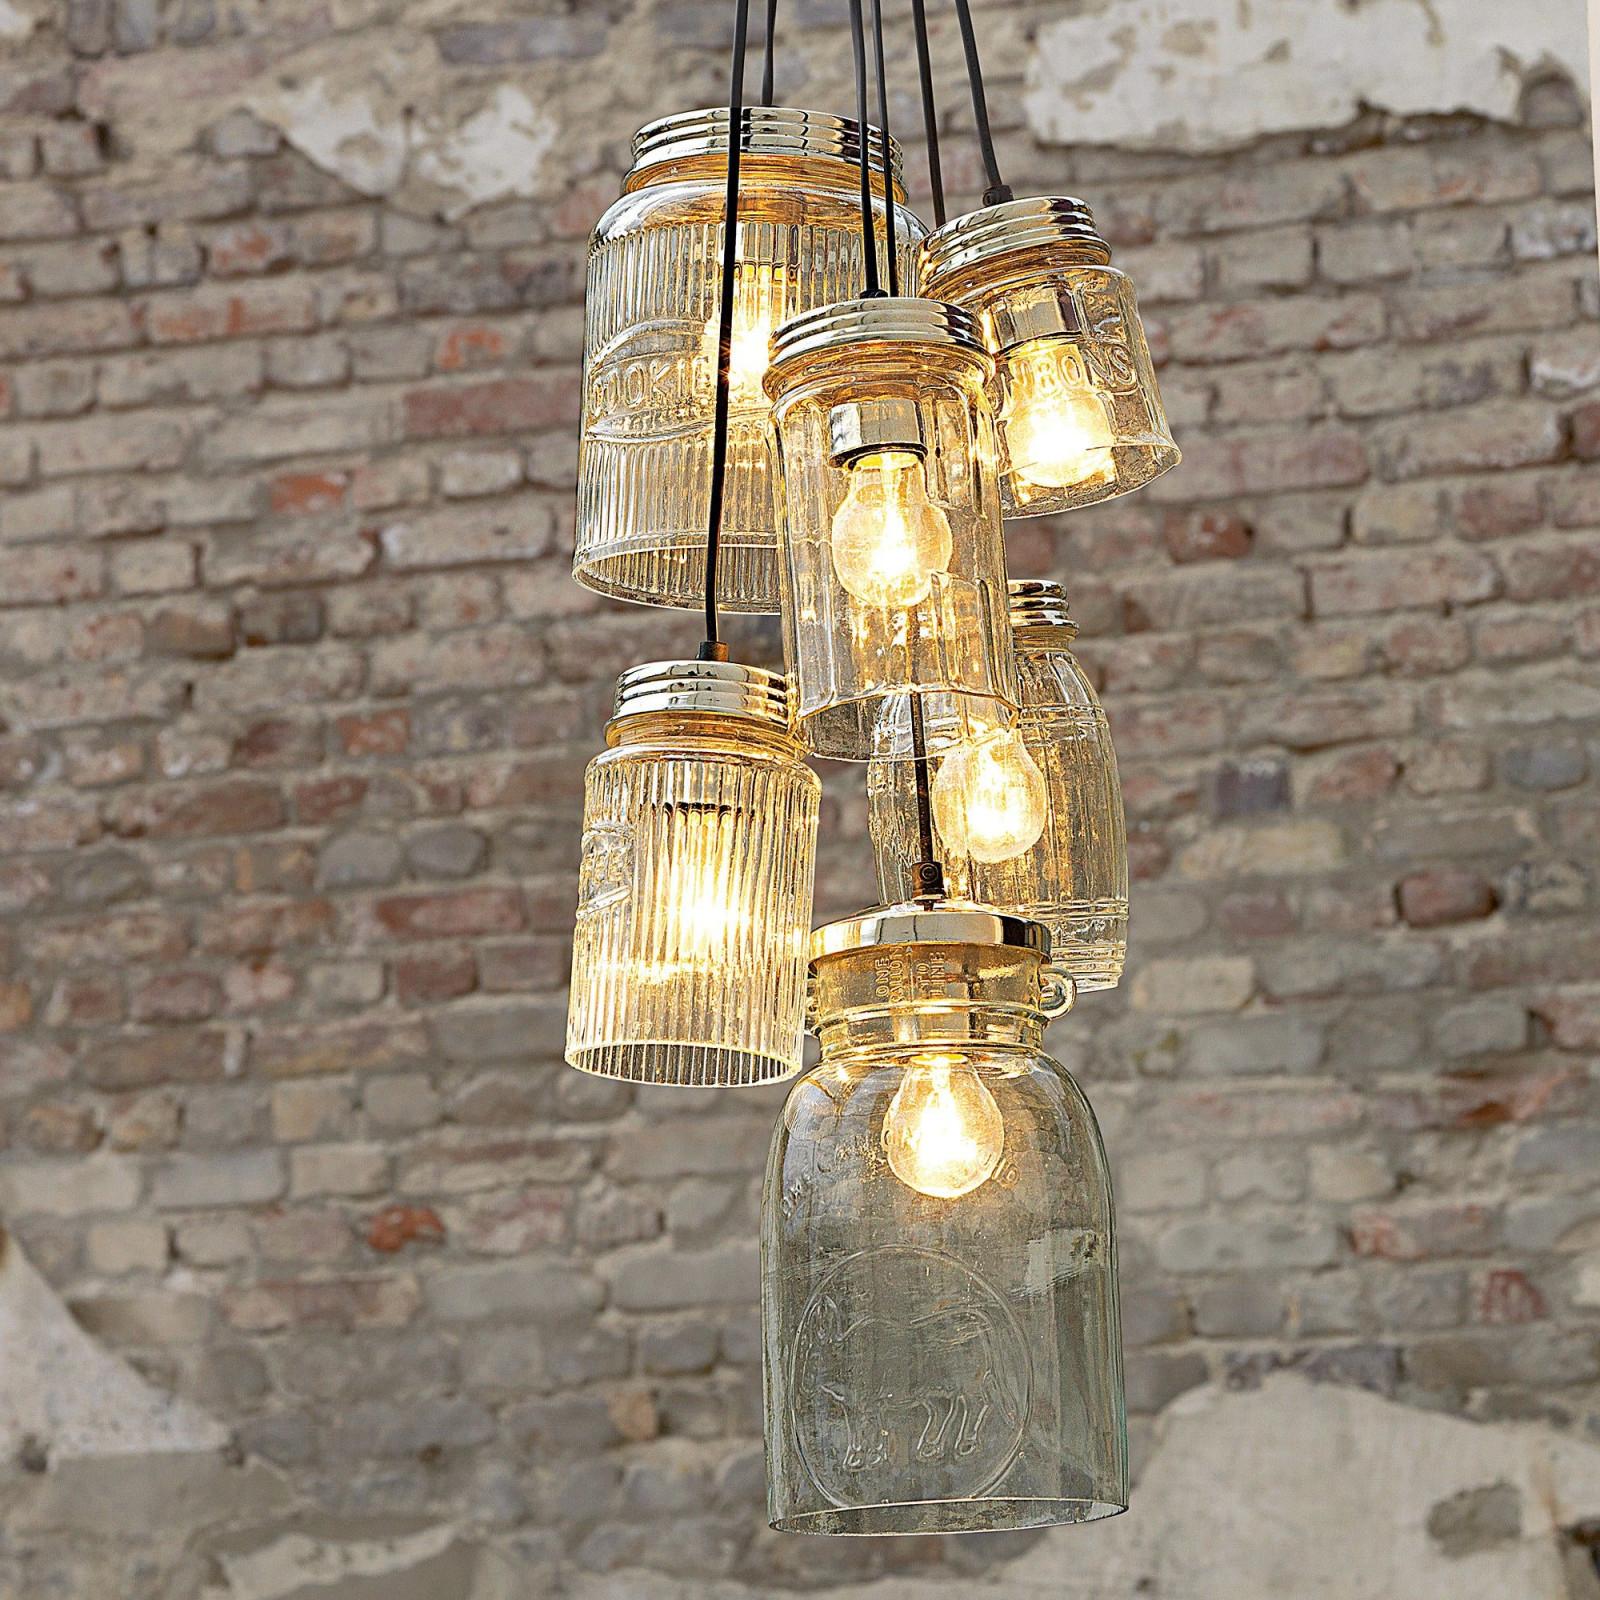 Retro Wohnzimmer Deckenlampe – Caseconrad von Retro Wohnzimmer Lampe Bild